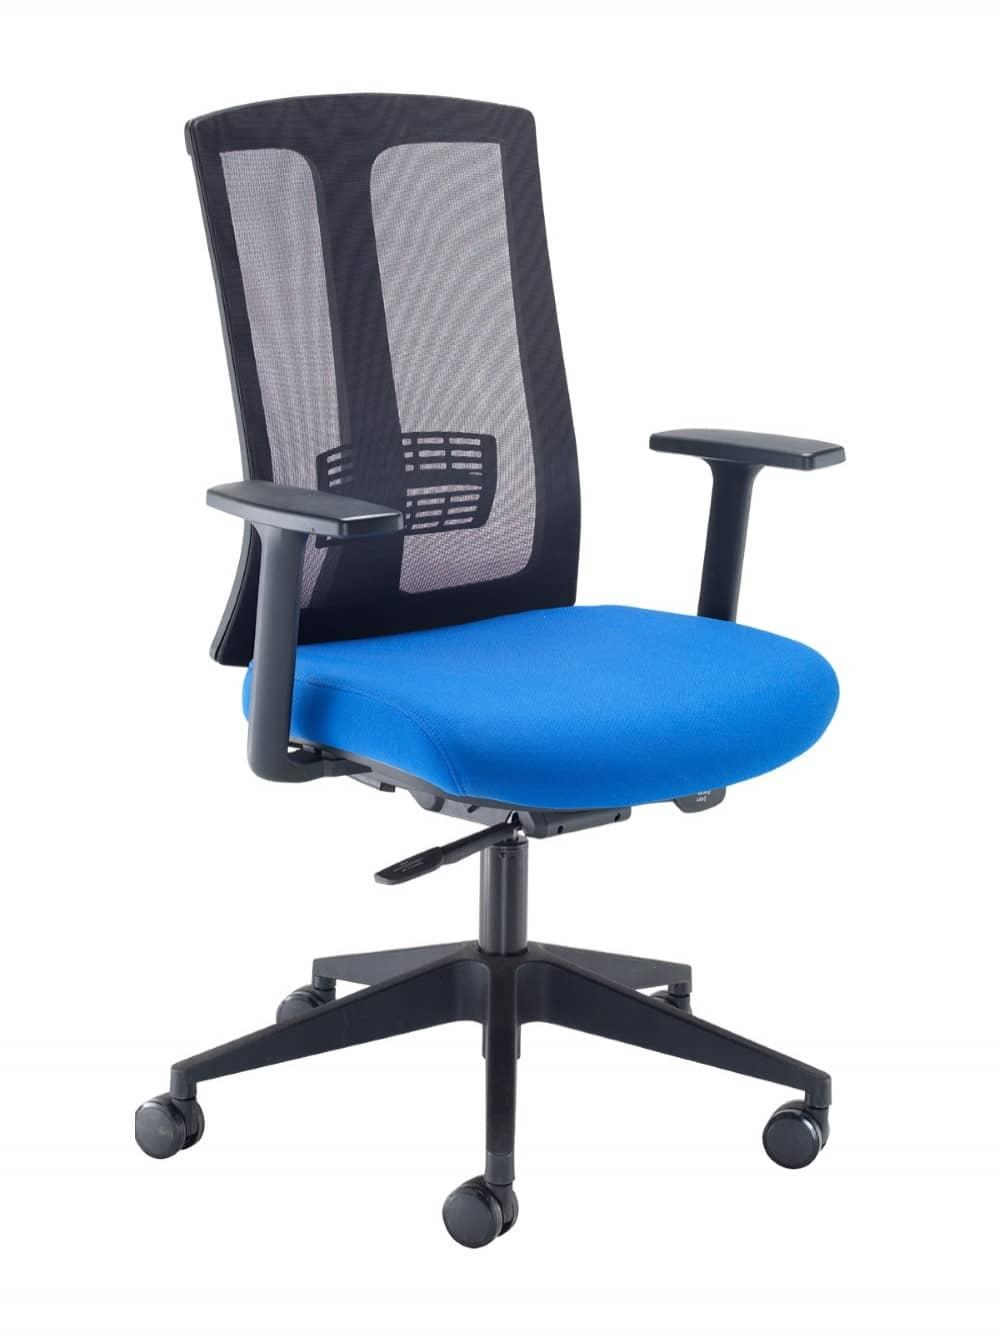 QWubd7ah_ronan-office-chair-ron300t1-b-001